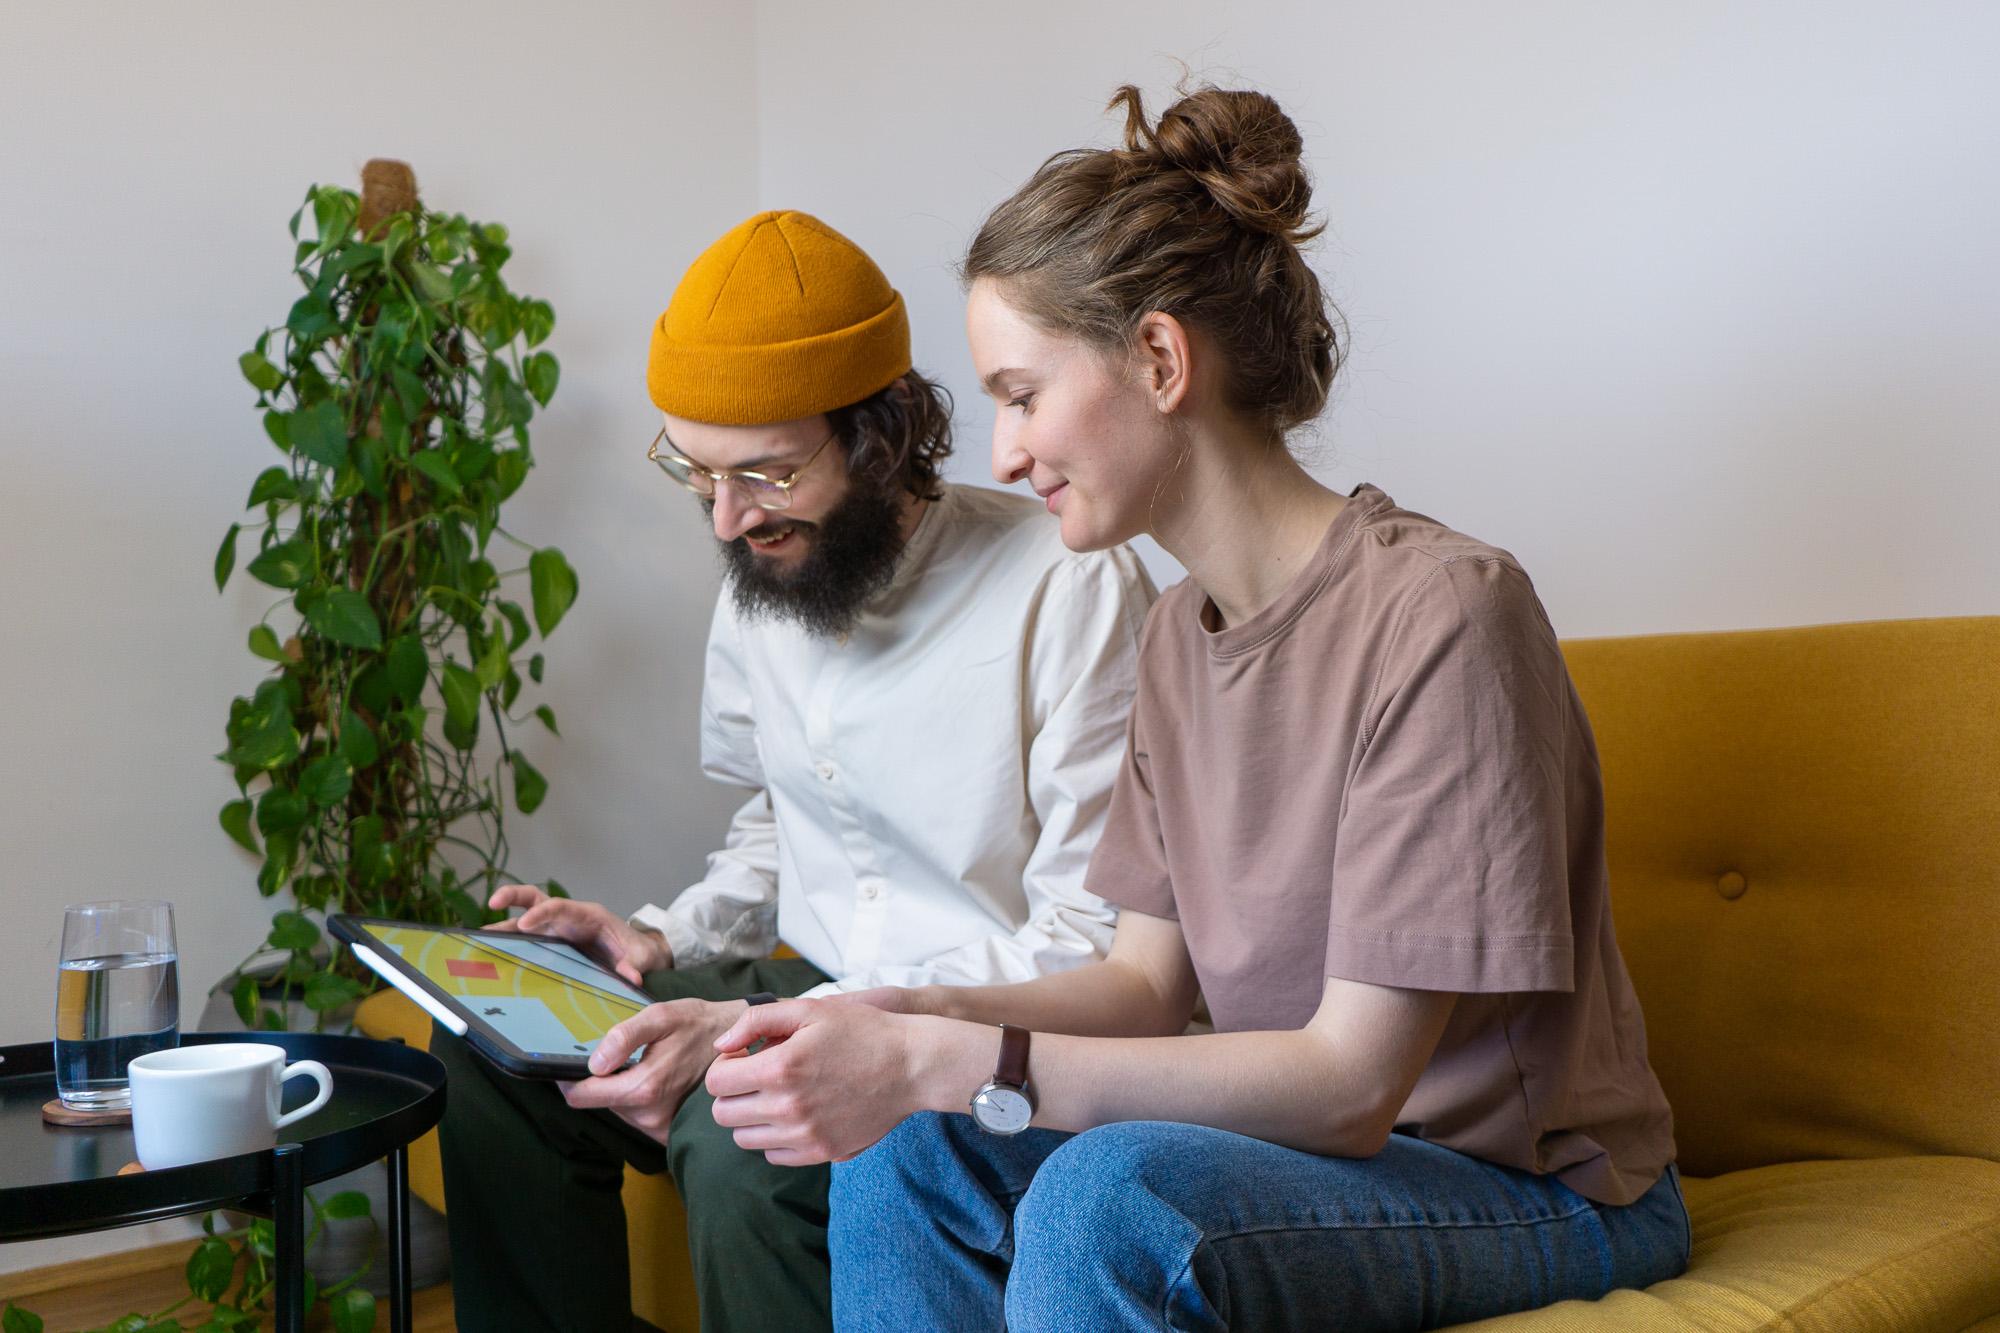 Das Team von gunst beim Arbeiten mit einem Tablet